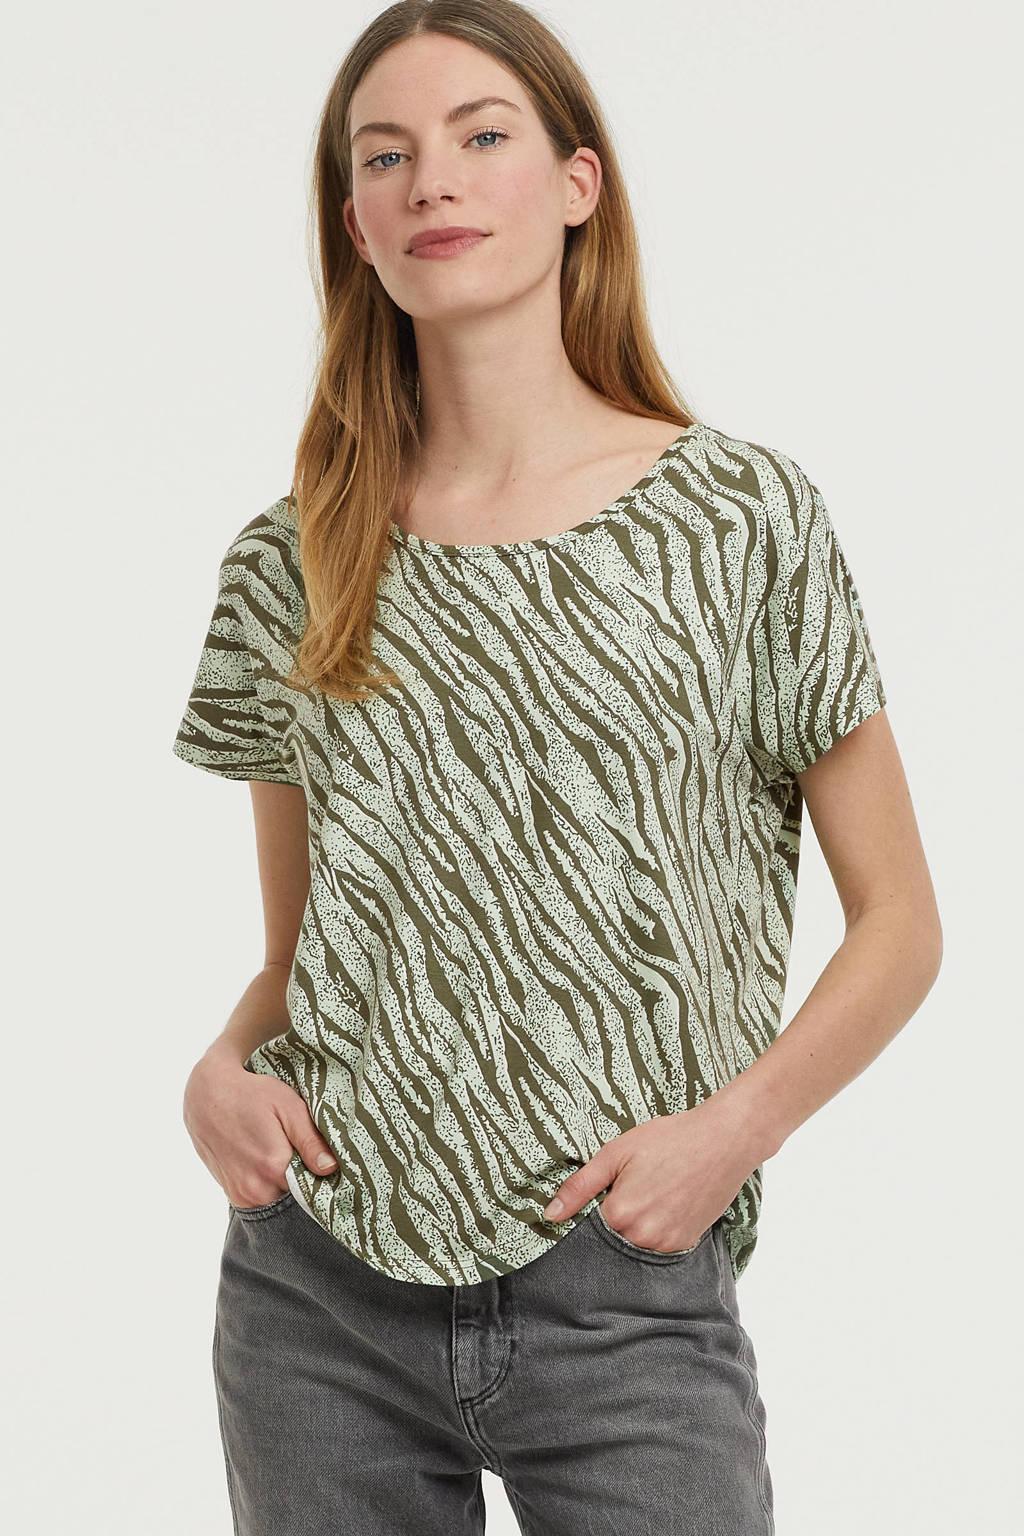 Fransa T-shirt met zebraprint mintgroen/olijfgroen, Mintgroen/olijfgroen